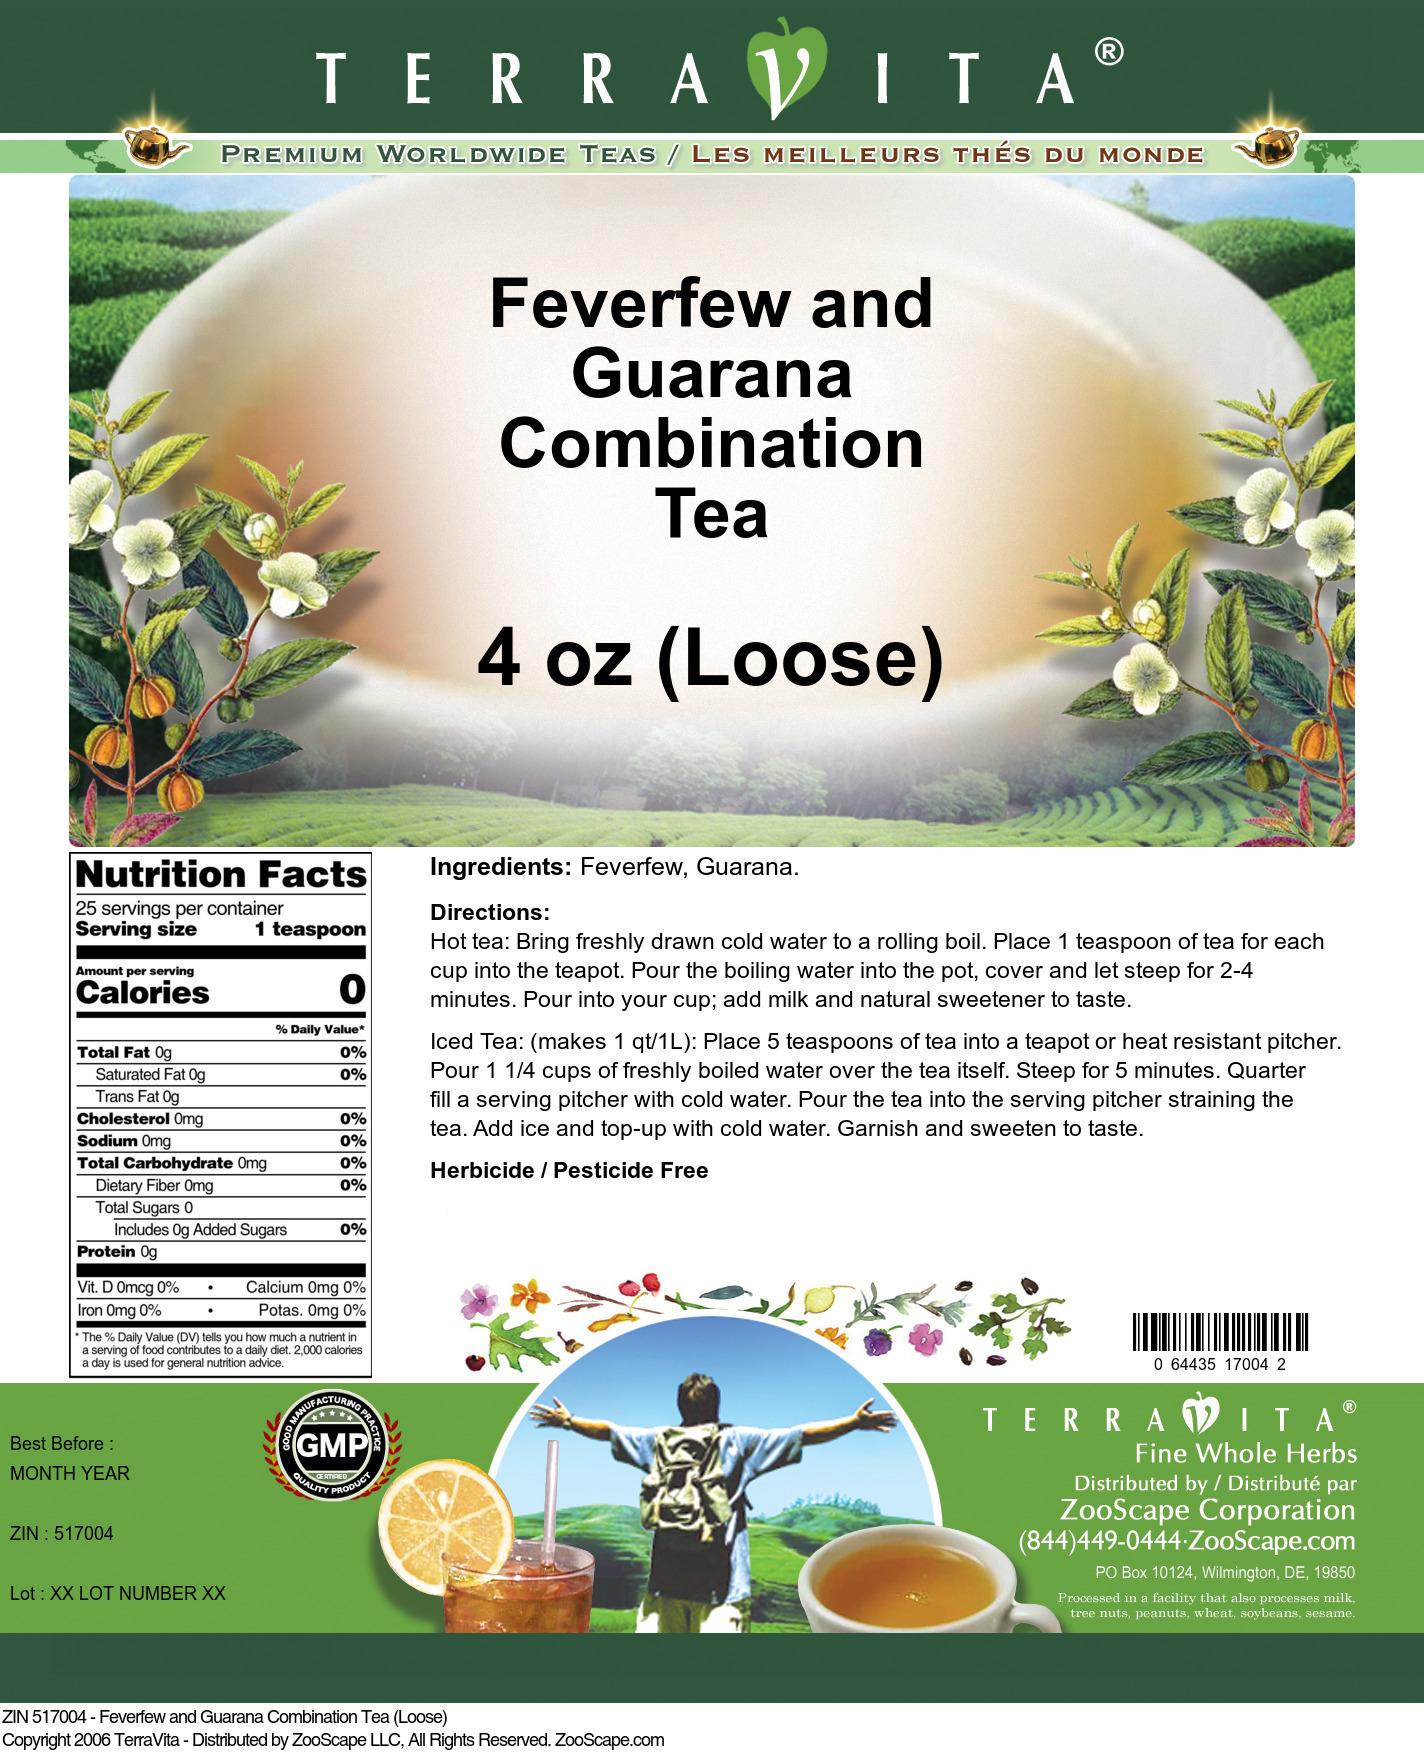 Feverfew and Guarana Combination Tea (Loose)